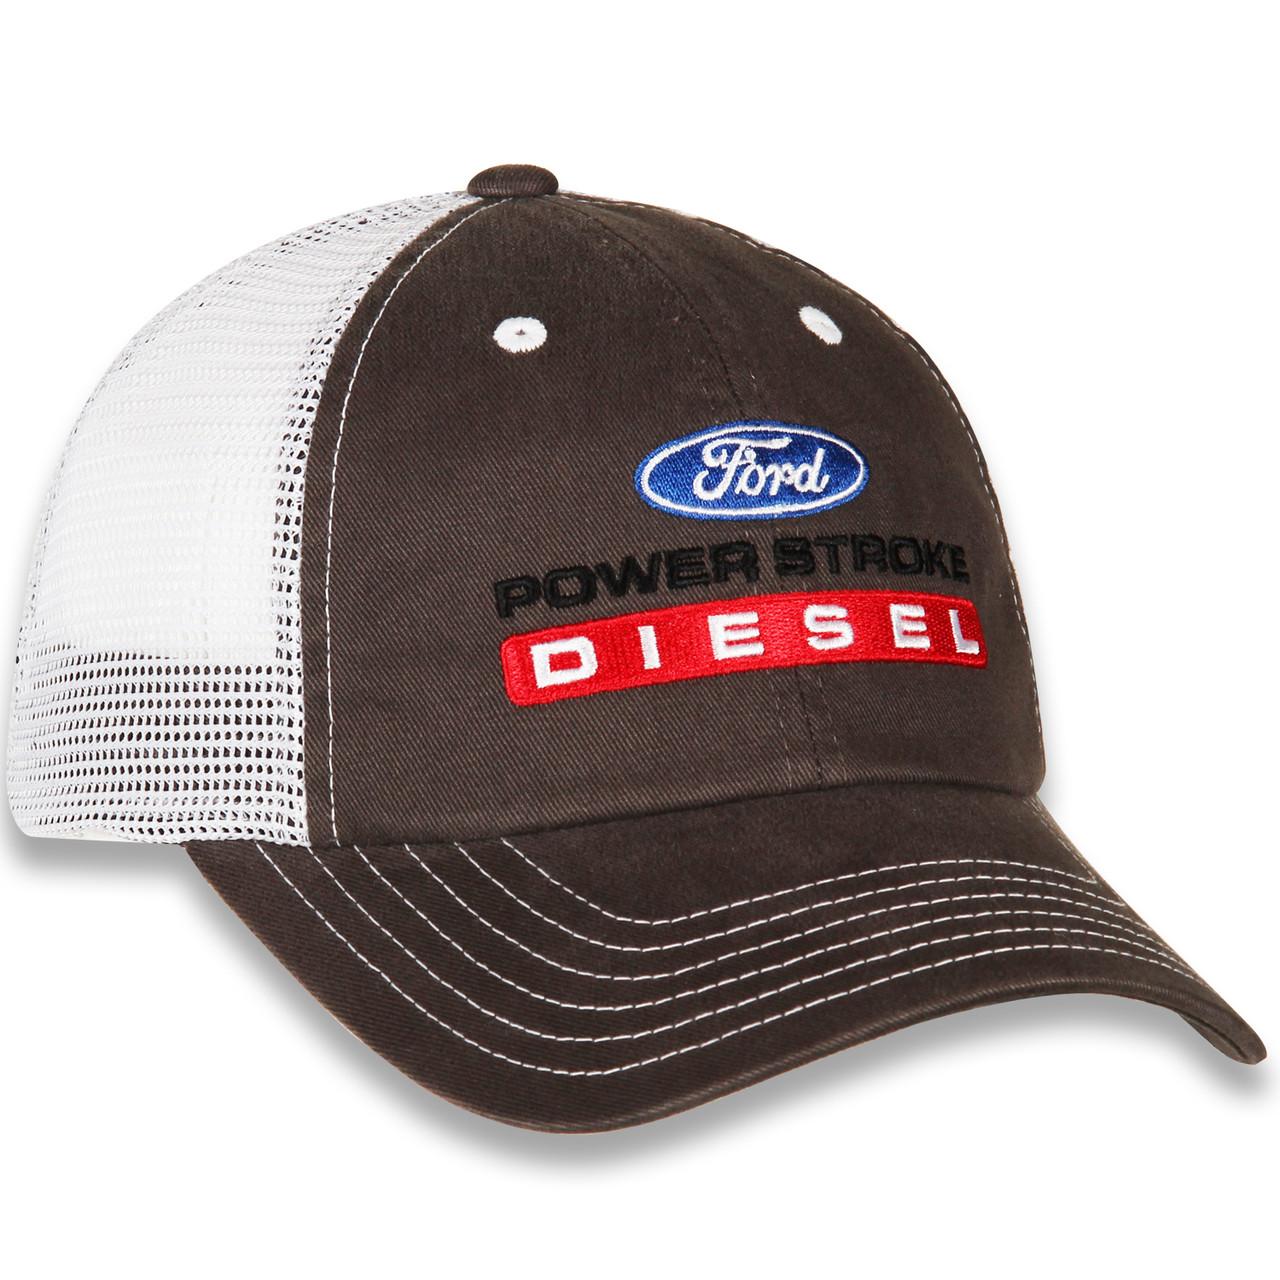 Ford Power Stroke Diesel Gray & White Mesh Hat (right)